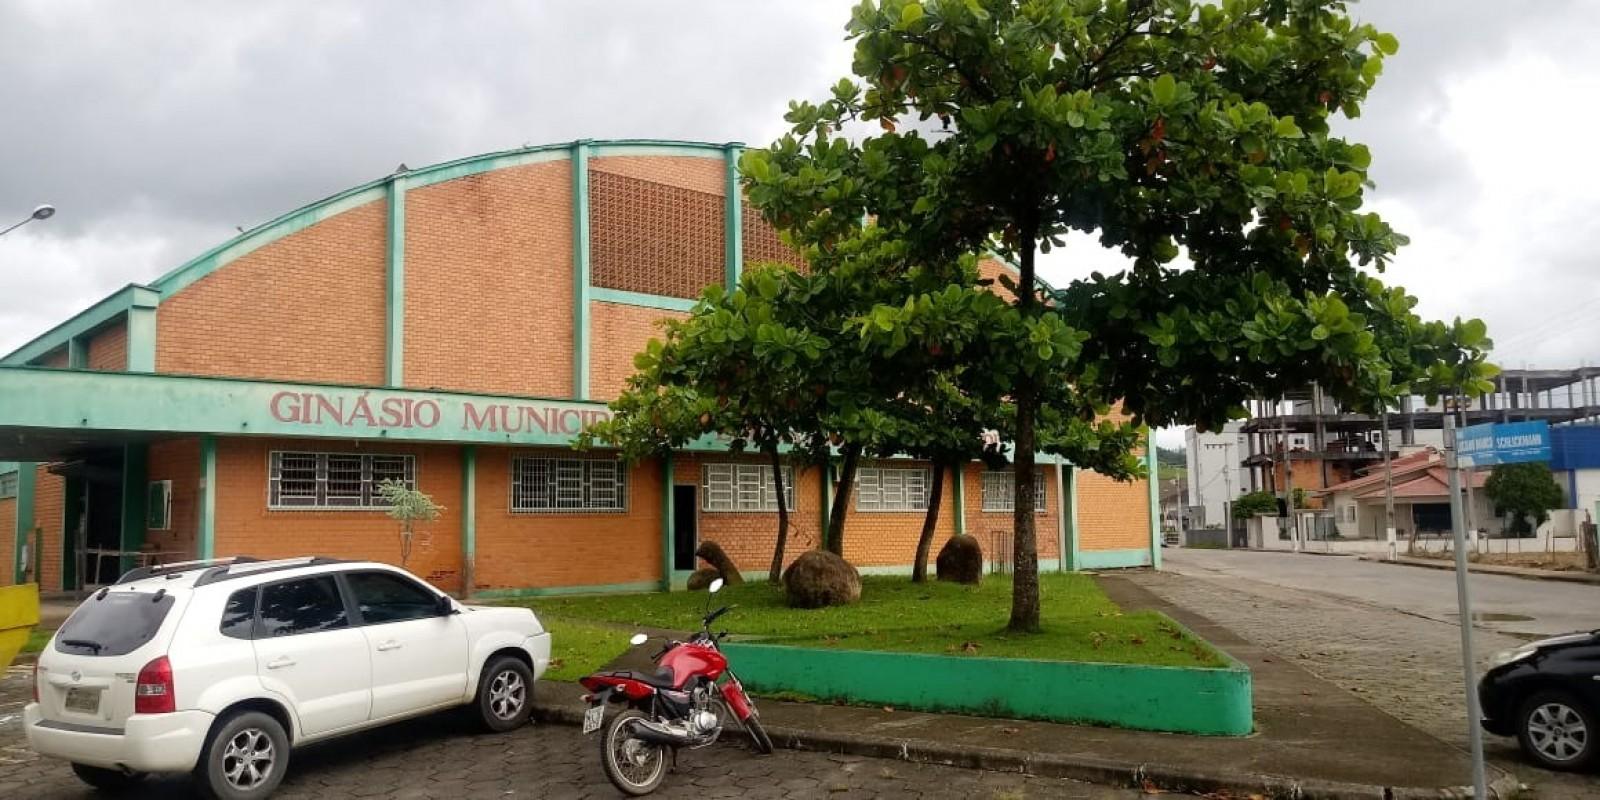 Reforma do Ginásio Municipal Lino Philippi é uma das pautas do Prefeito Iba a serem tratadas em Brasília